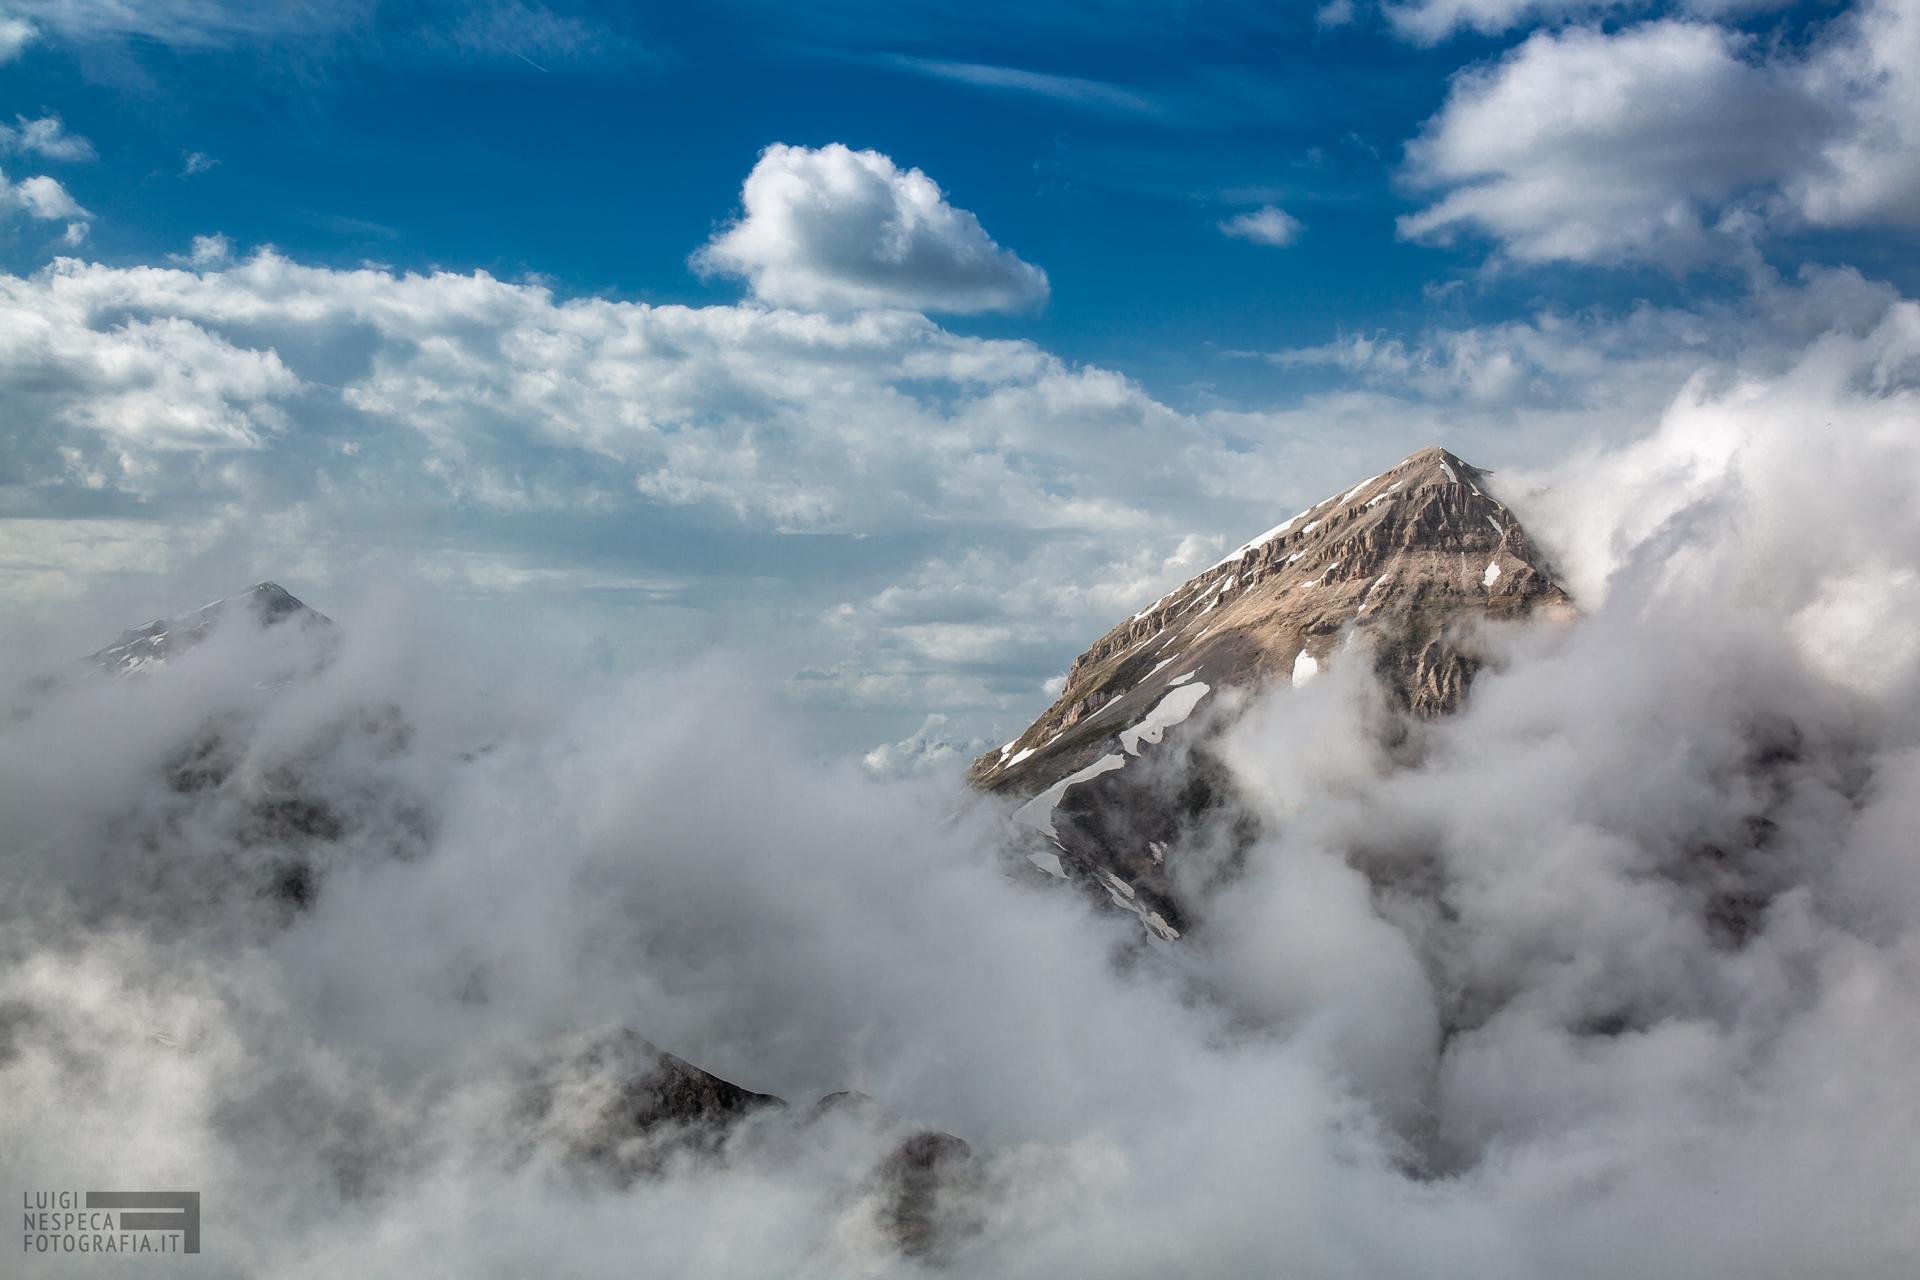 20 - Nuvole sul Pizzo d'Intermesoli - Un anno al Gran Sasso